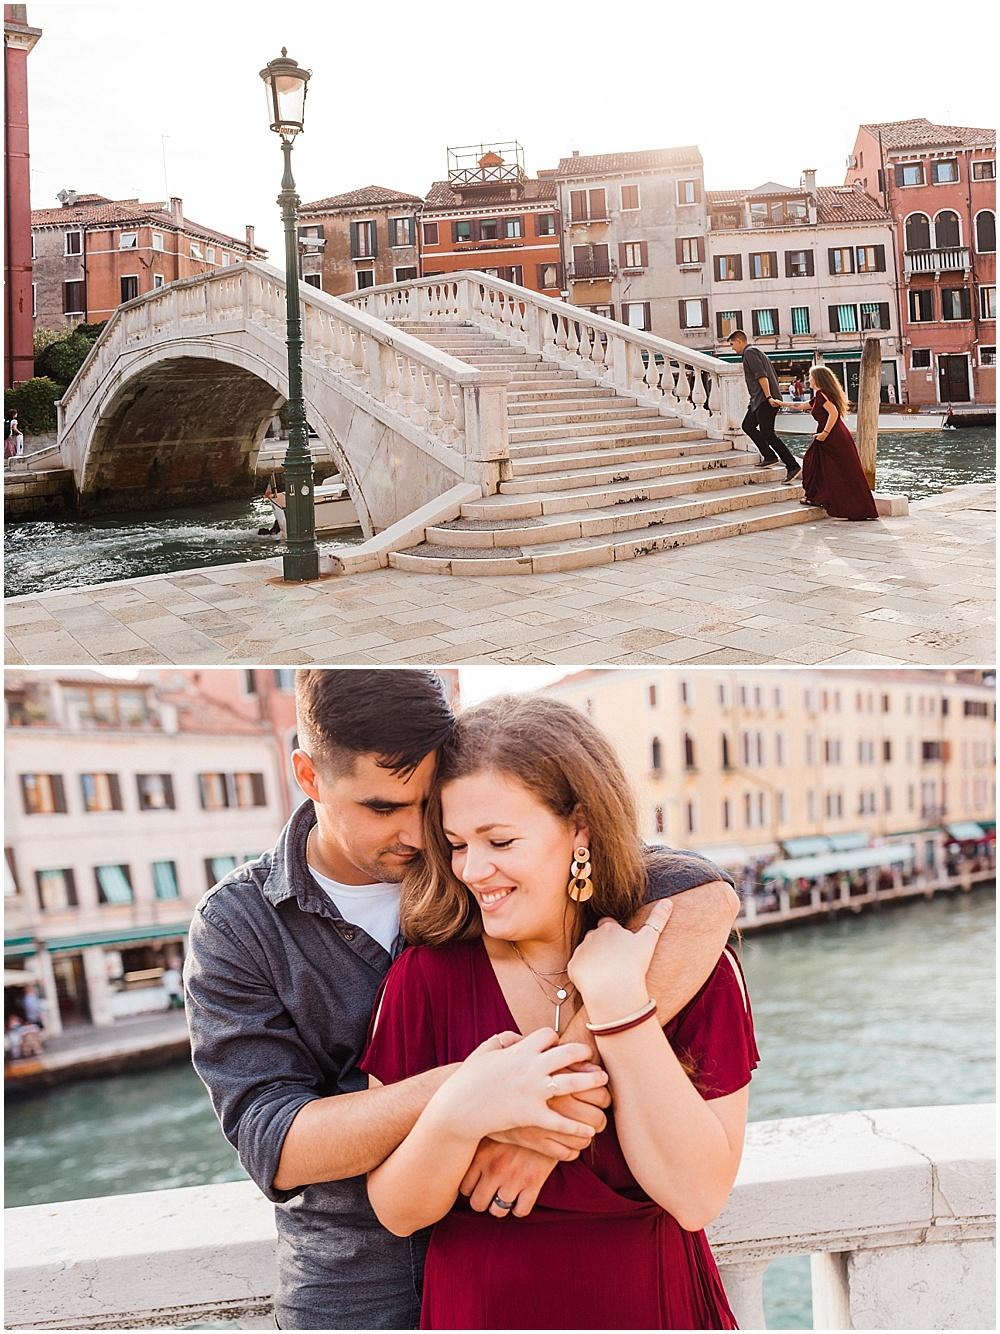 venice-italy-wedding-photograher-stefano-degirmenci_0531.jpg